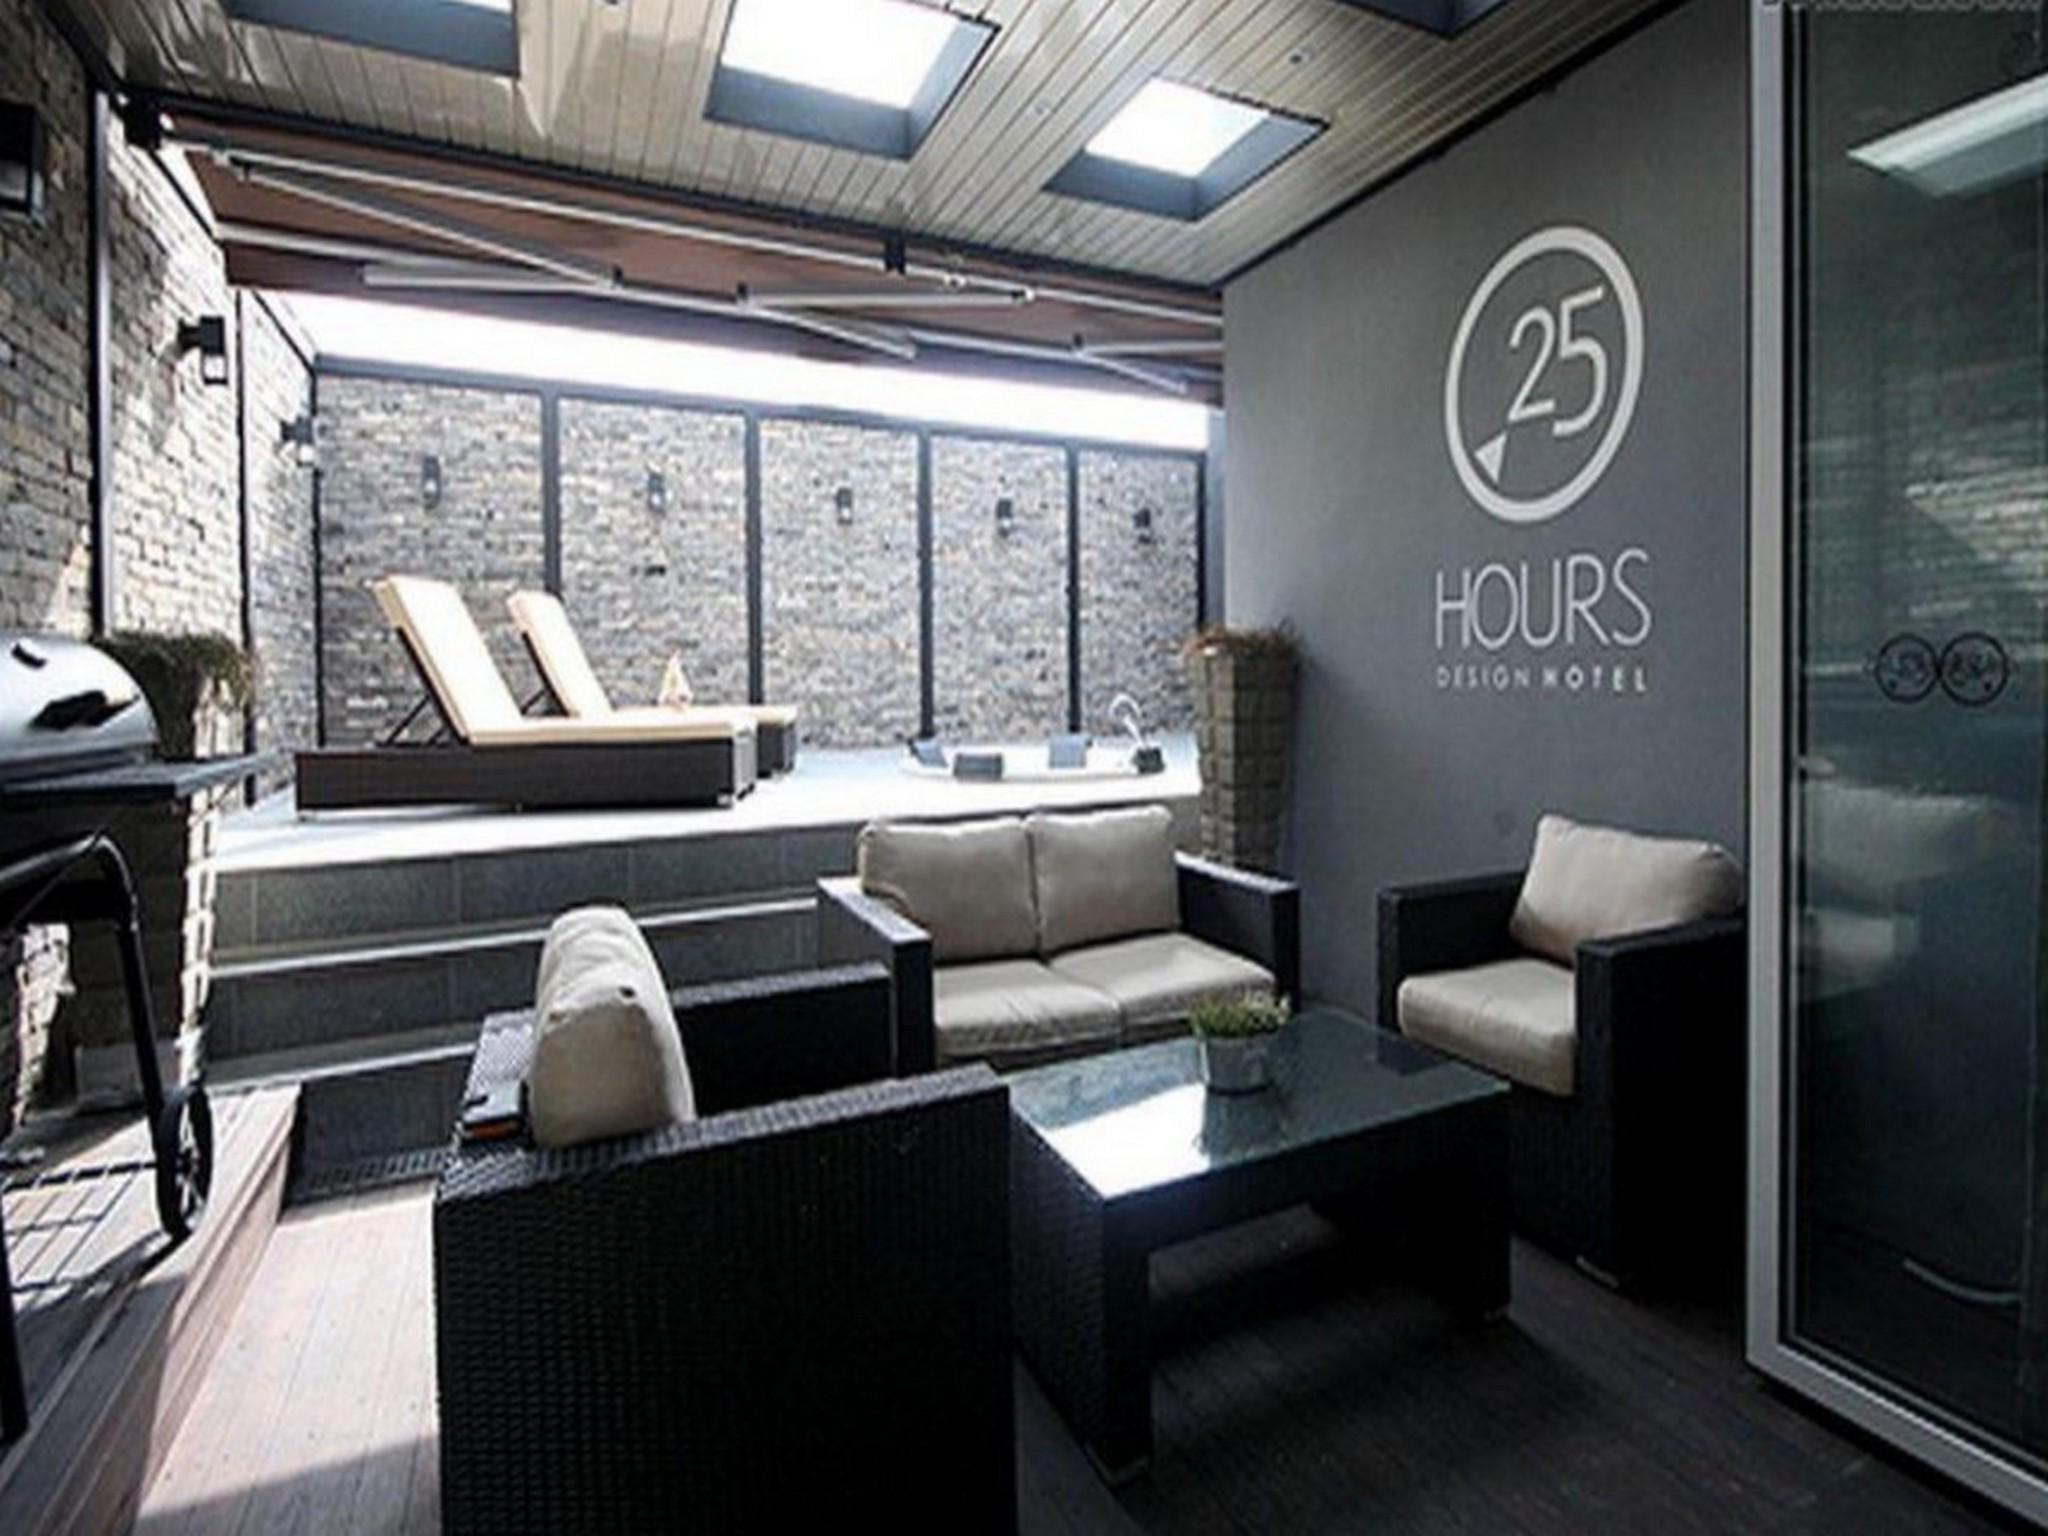 釜山25小時飯店2館 (25 Hours Hotel 2)線上訂房 Agoda.com